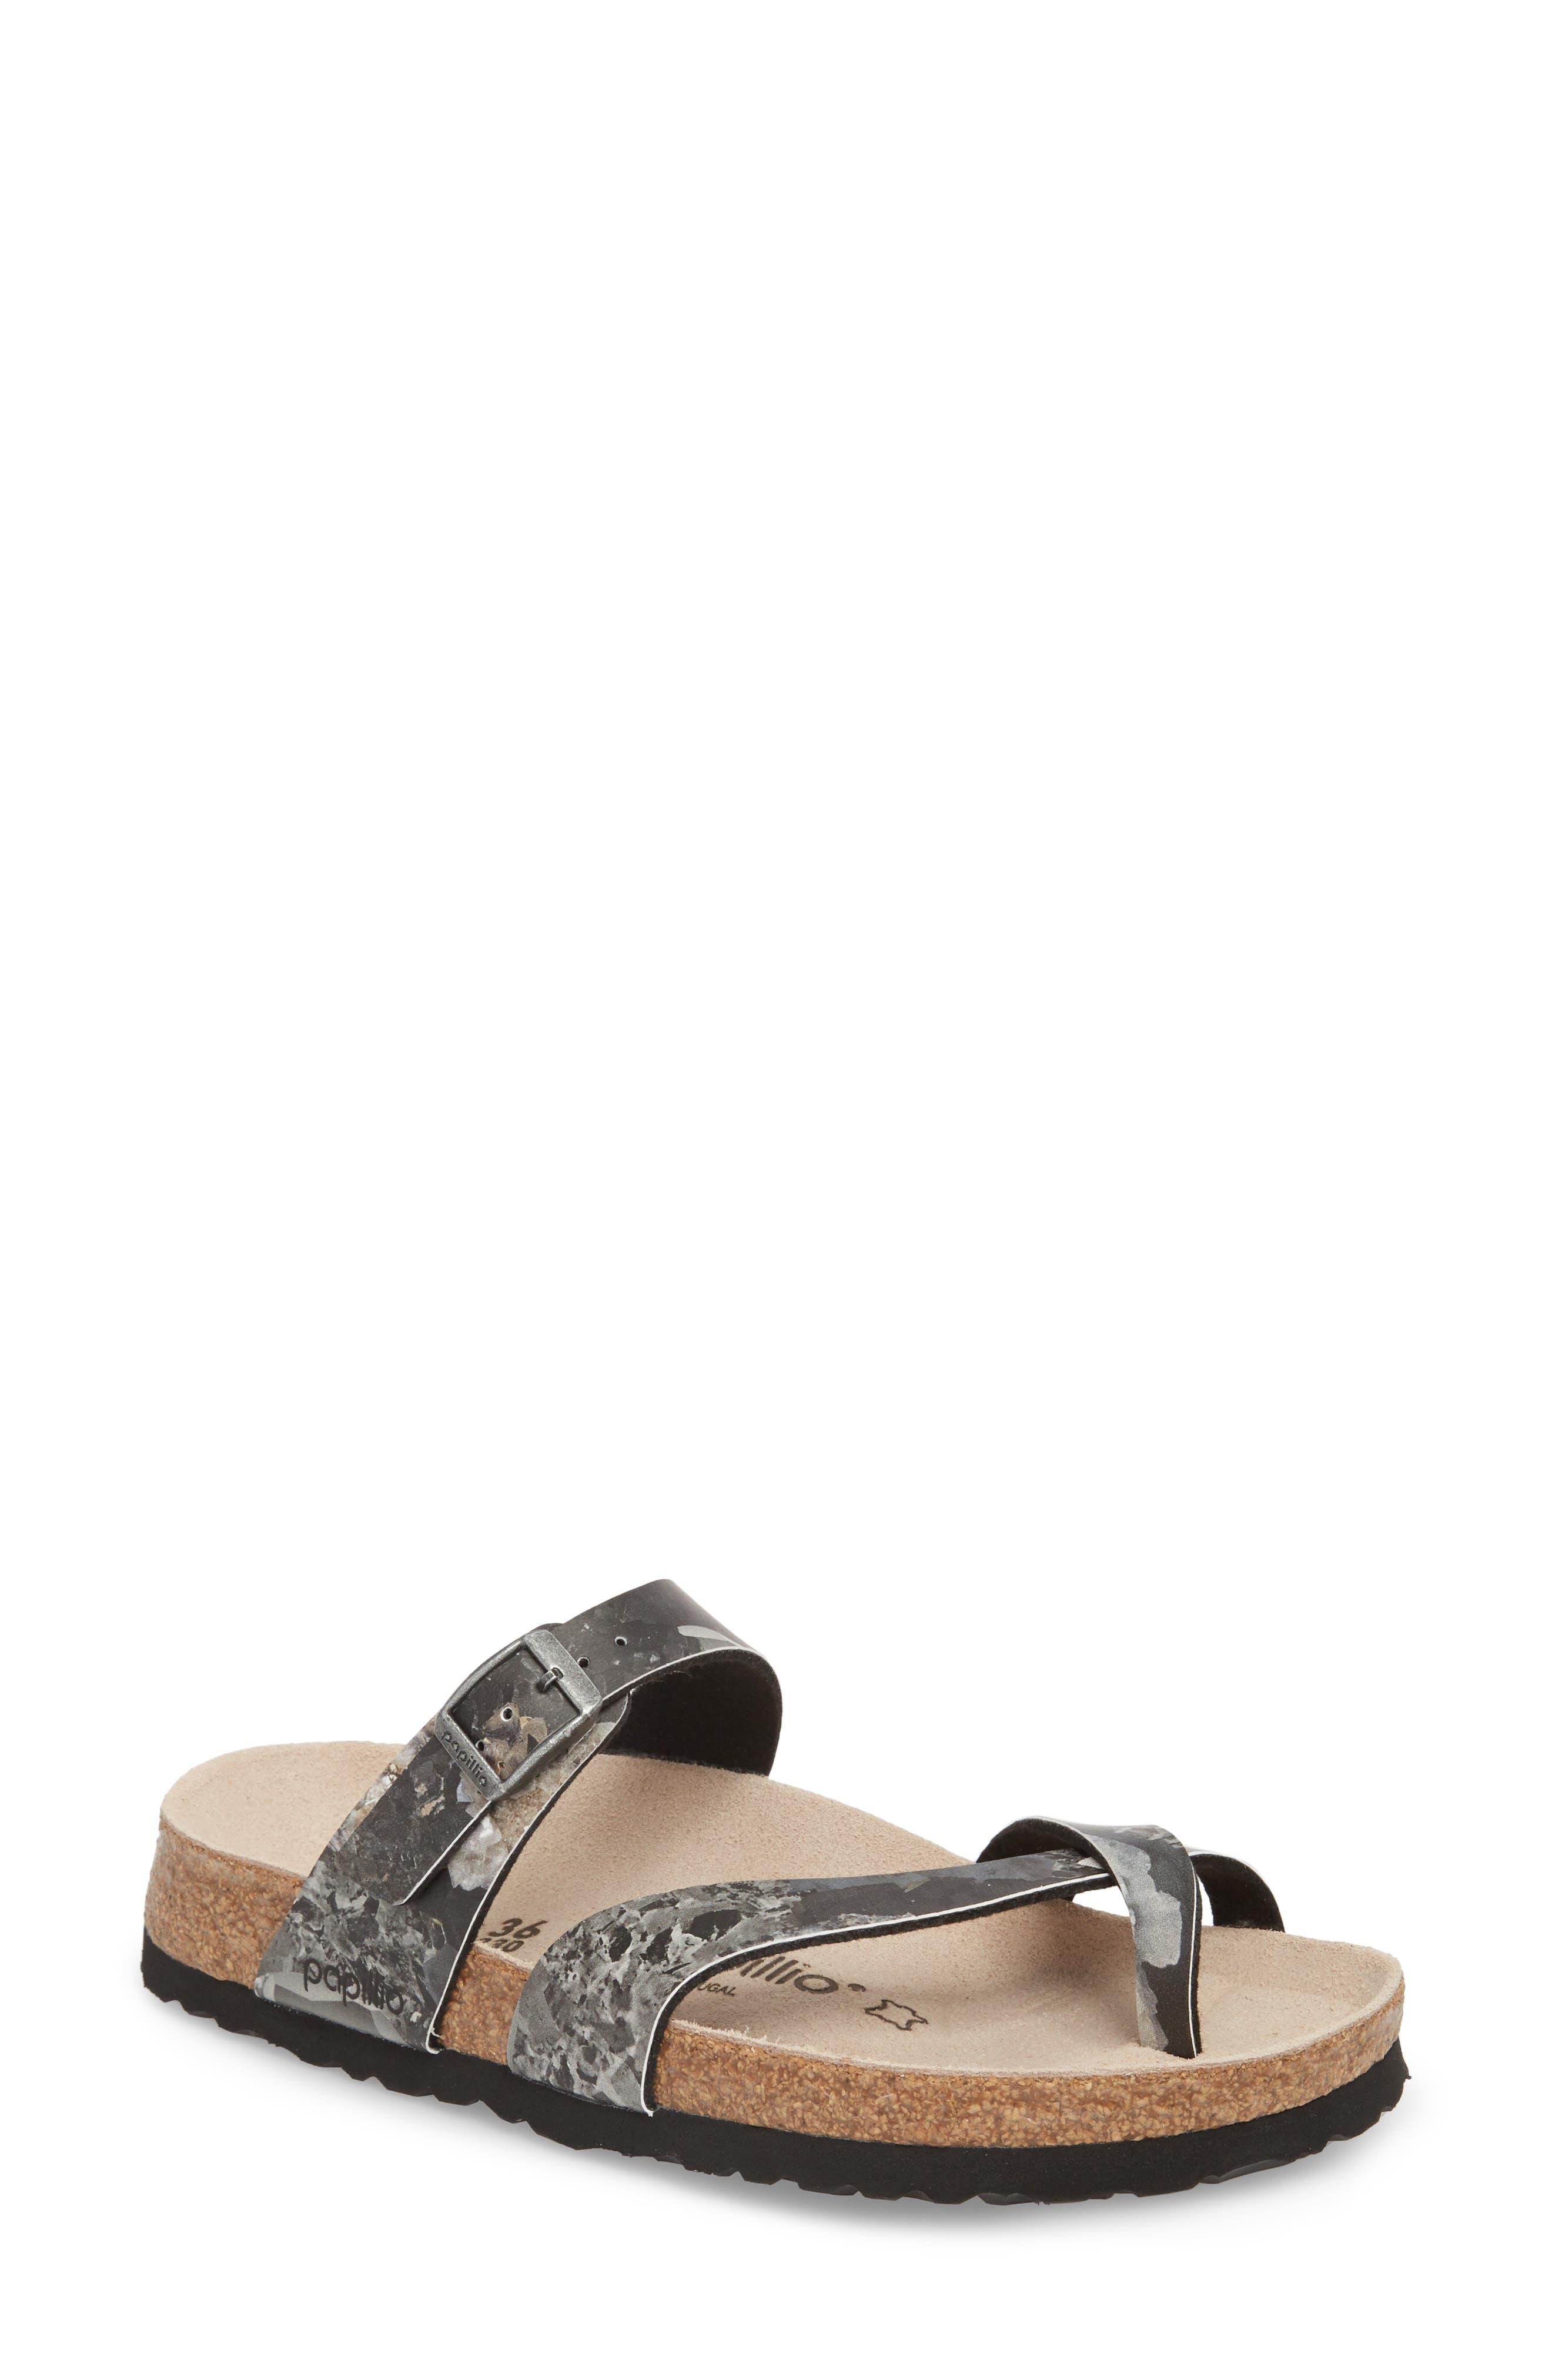 Papillio by Birkenstock Tabora Birko-Flor Slide Sandal,                         Main,                         color, Crystal Black Leather